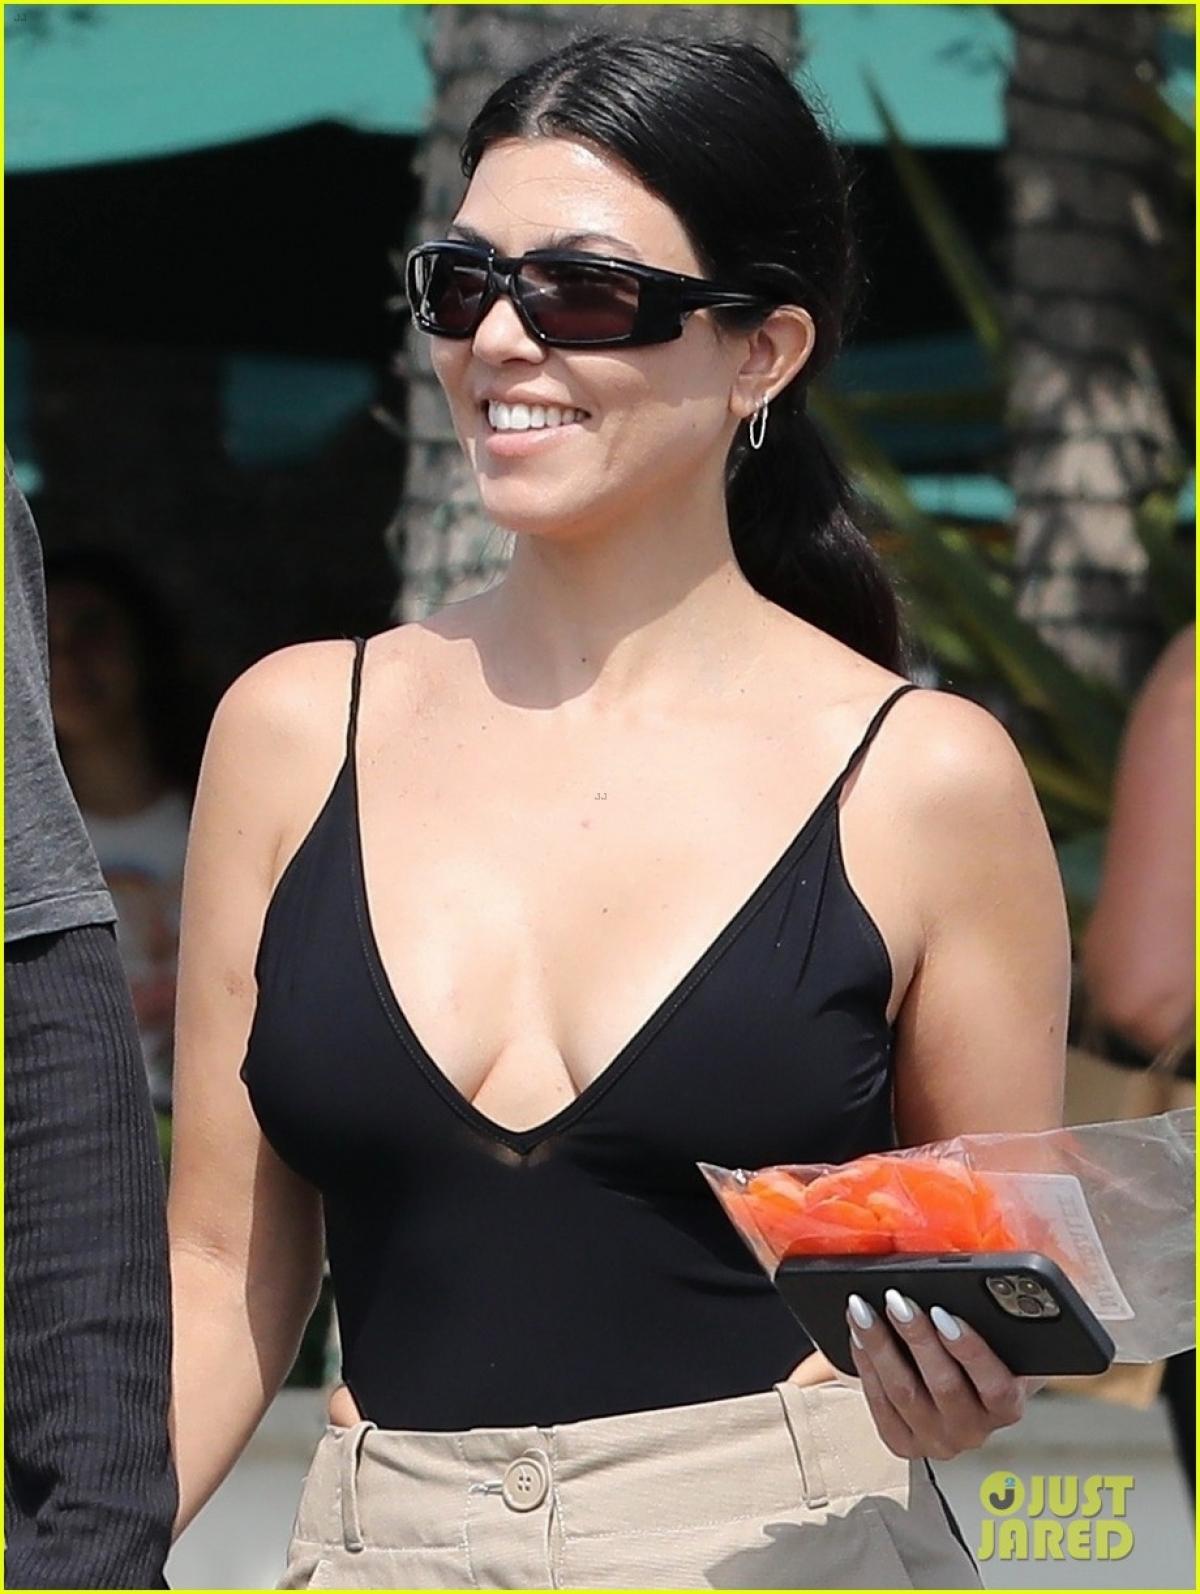 Chị gái Kim Kardashian để mặt mộc, diện áo hai dây và quần âu gợi cảm.